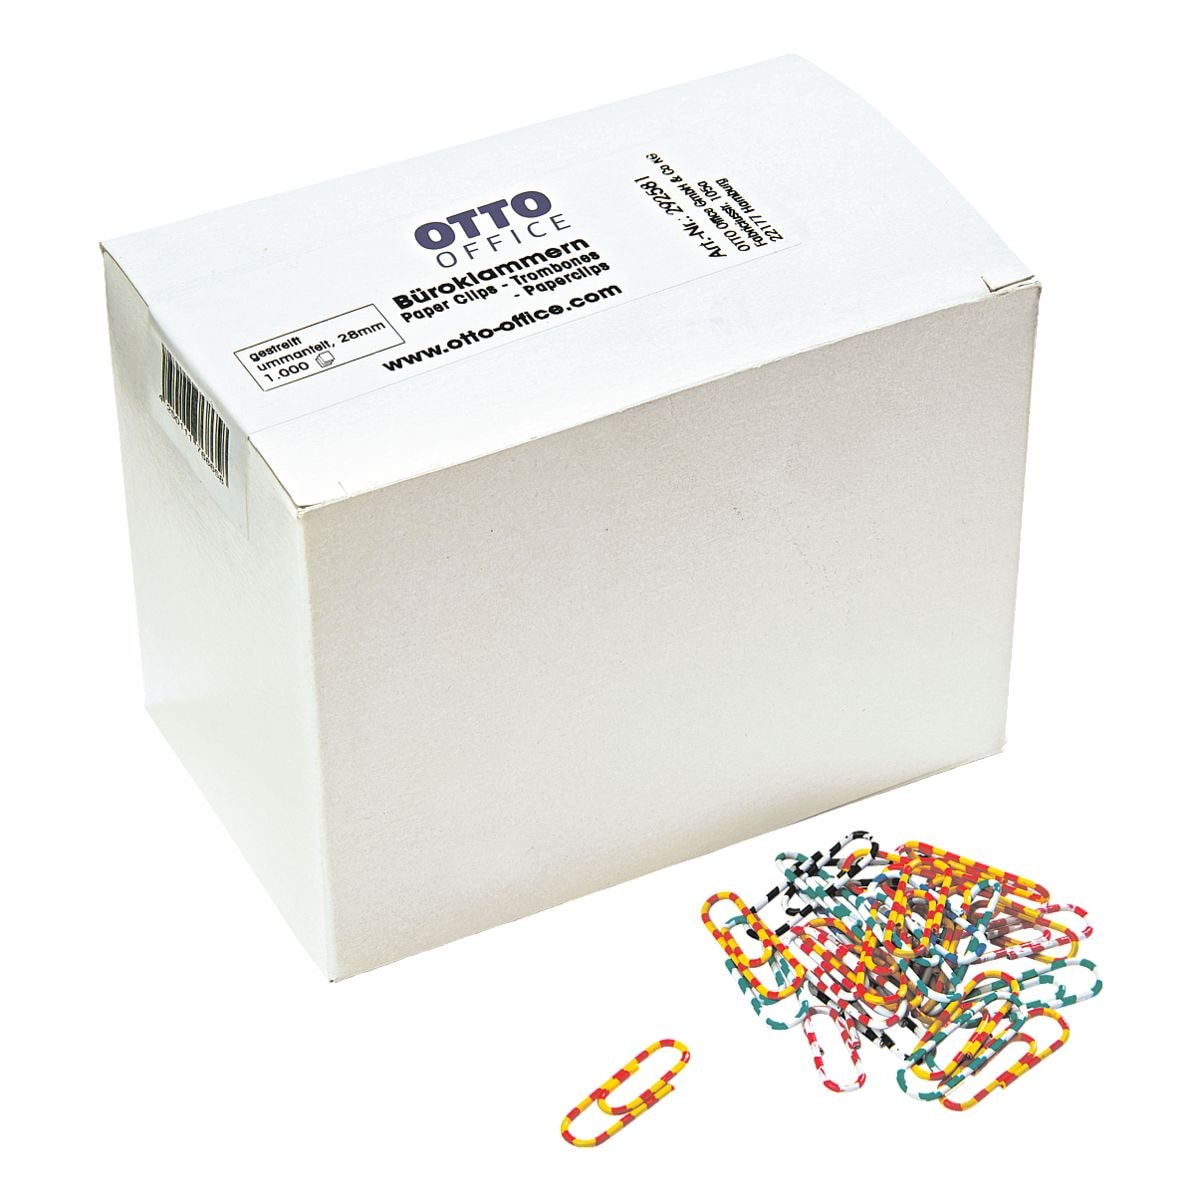 OTTO Office Büroklammern 28 mm, zweifarbig gestreift, 1000 Stück